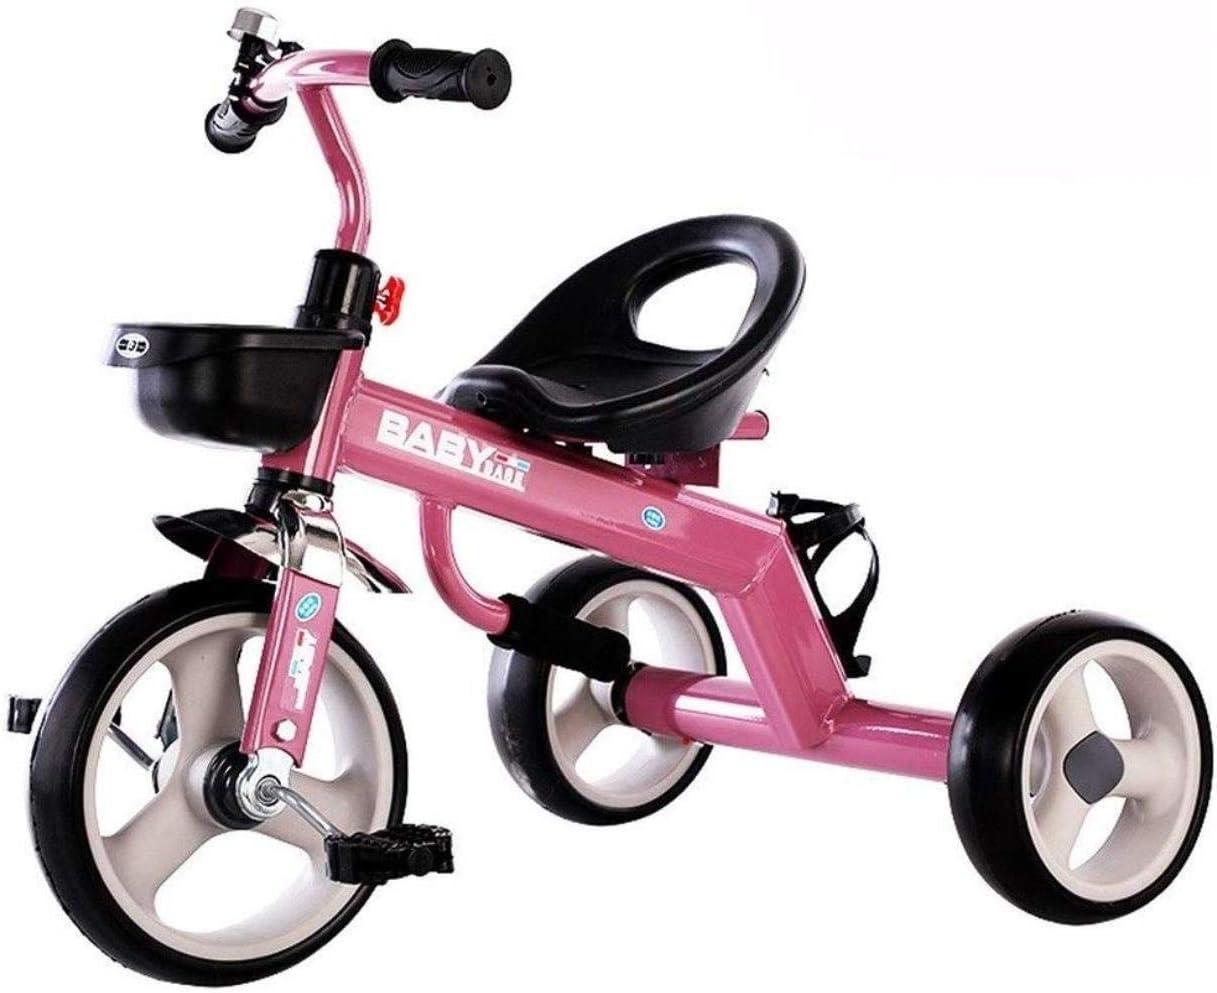 Archivador plano Caballo de oscilación del niño triciclos Bicicletas del niño del Triciclo for niños, Bicicletas niño del niño al Aire Libre Bici del bebé Cubierta Triciclo niños 1-3-6 años